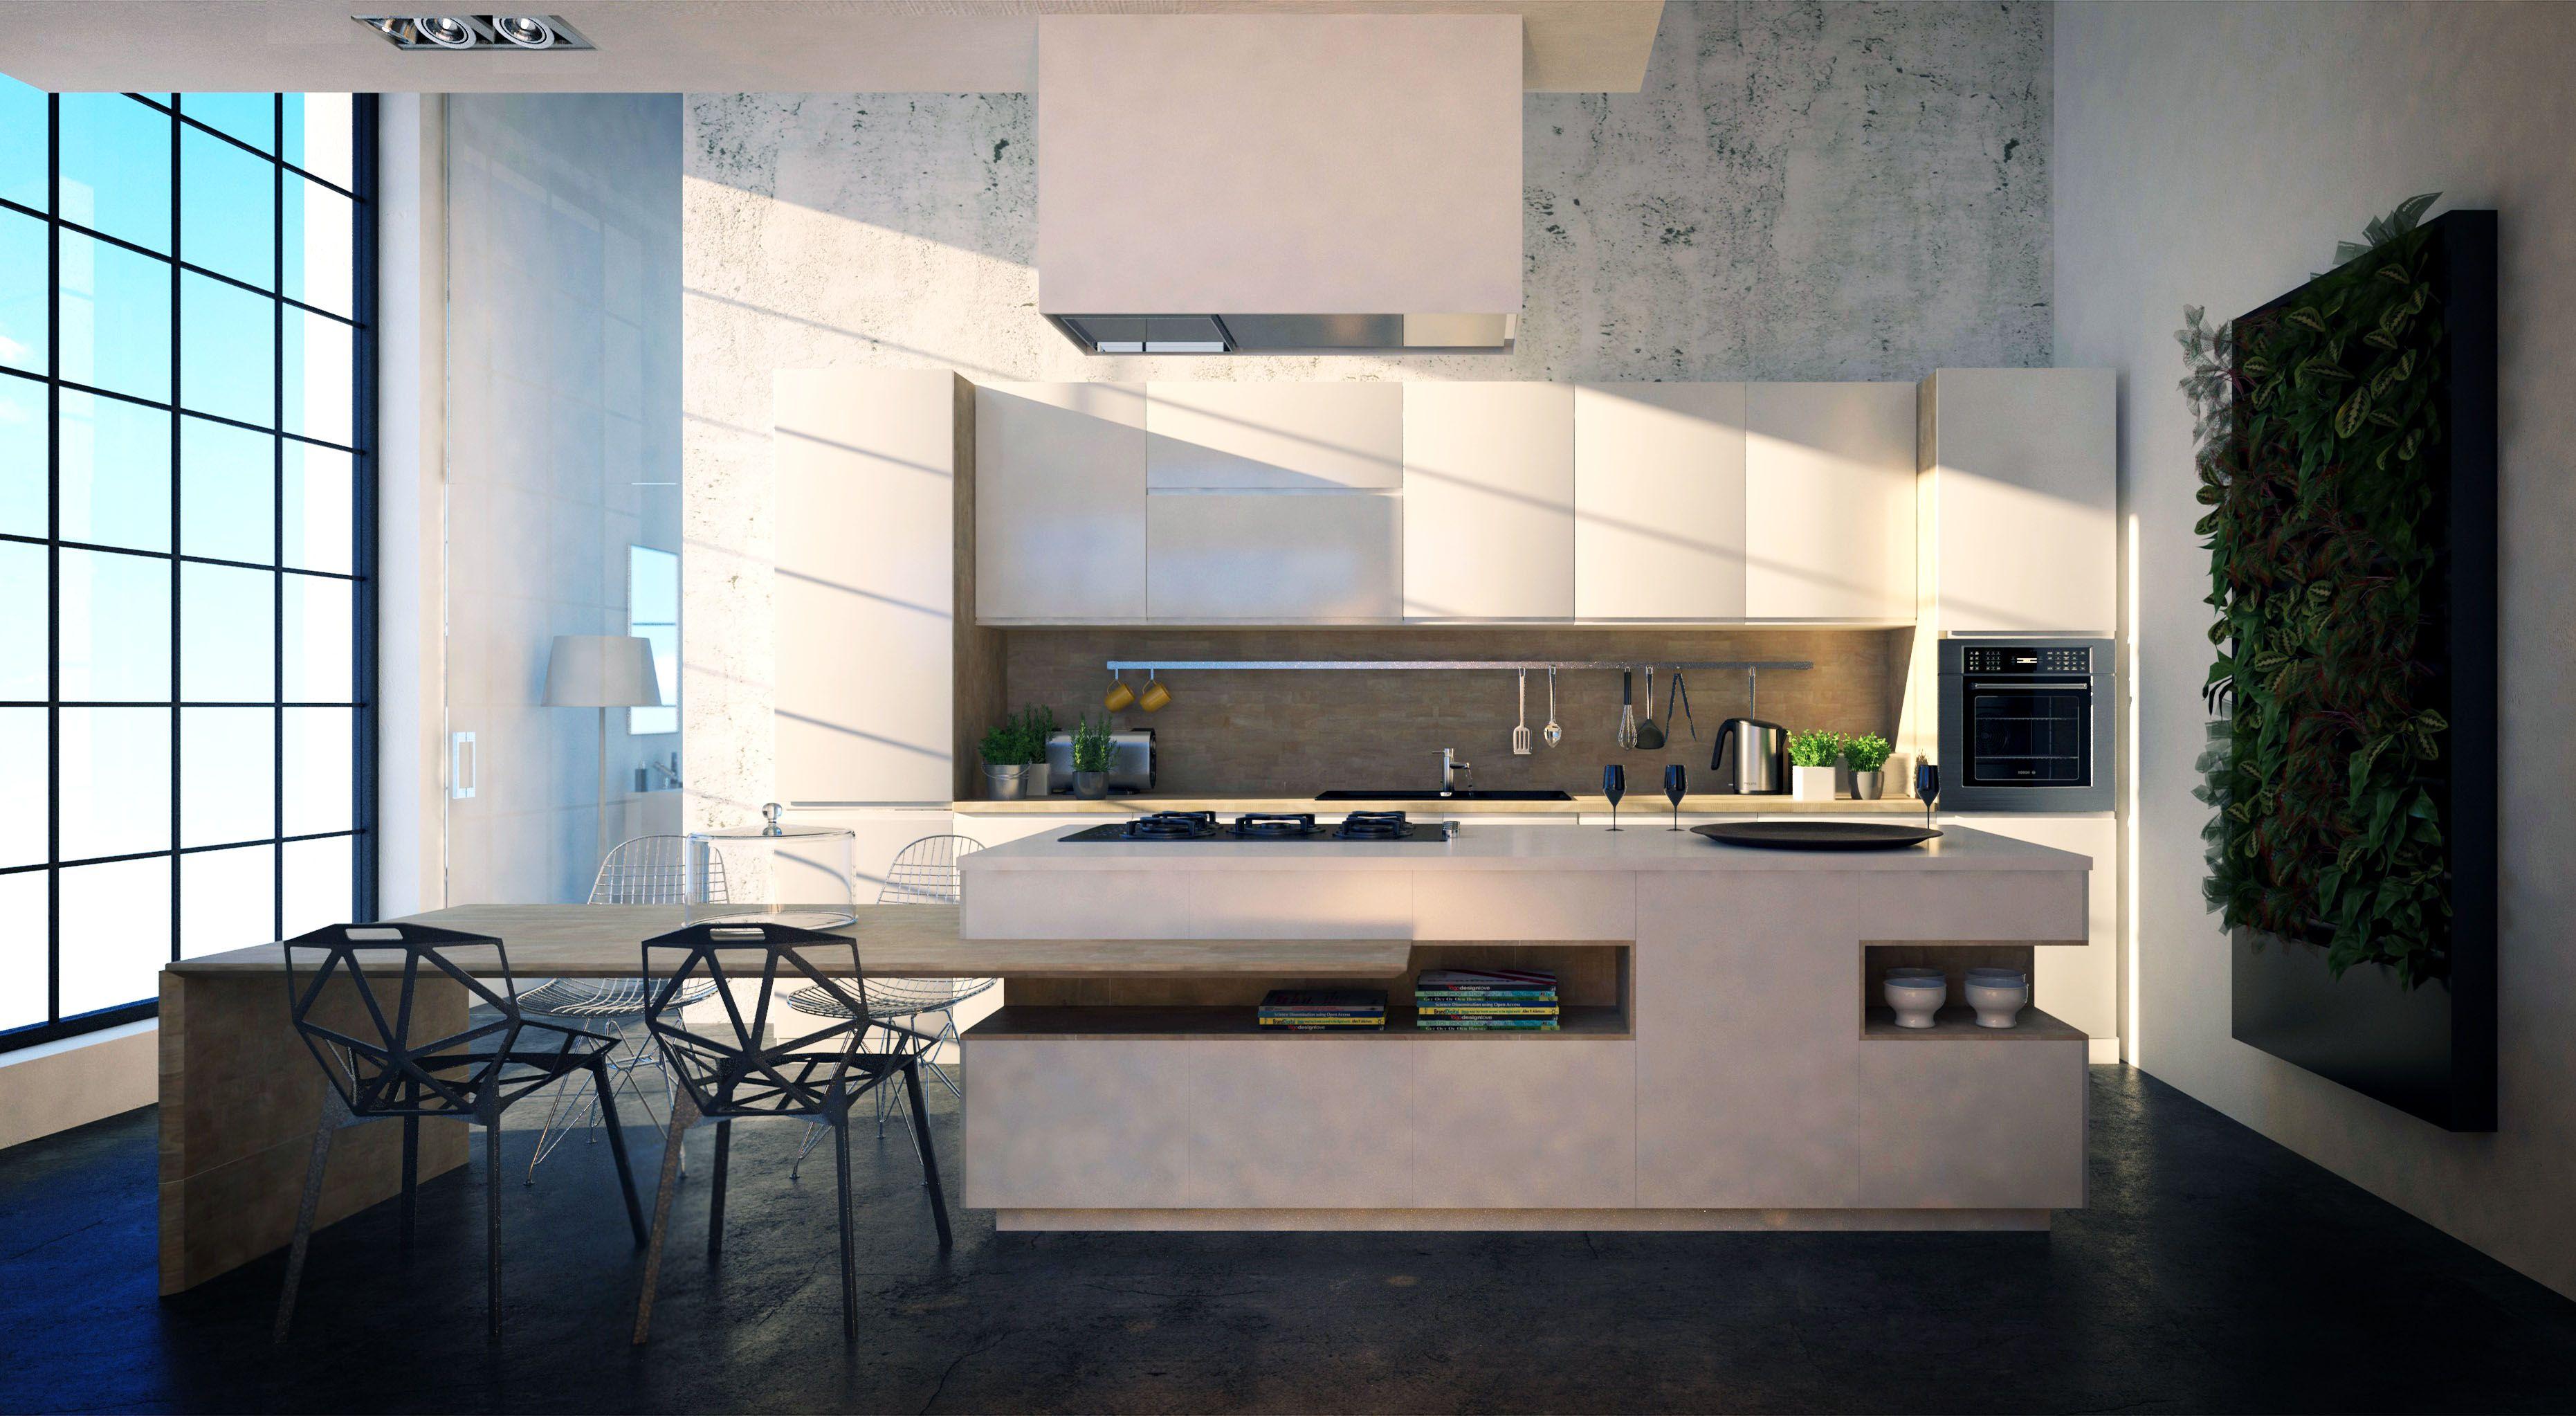 Moderne keuken homeclass wit top fabricant van keukens en badkamer meubels homeclass - Moderne badkamer meubels ...